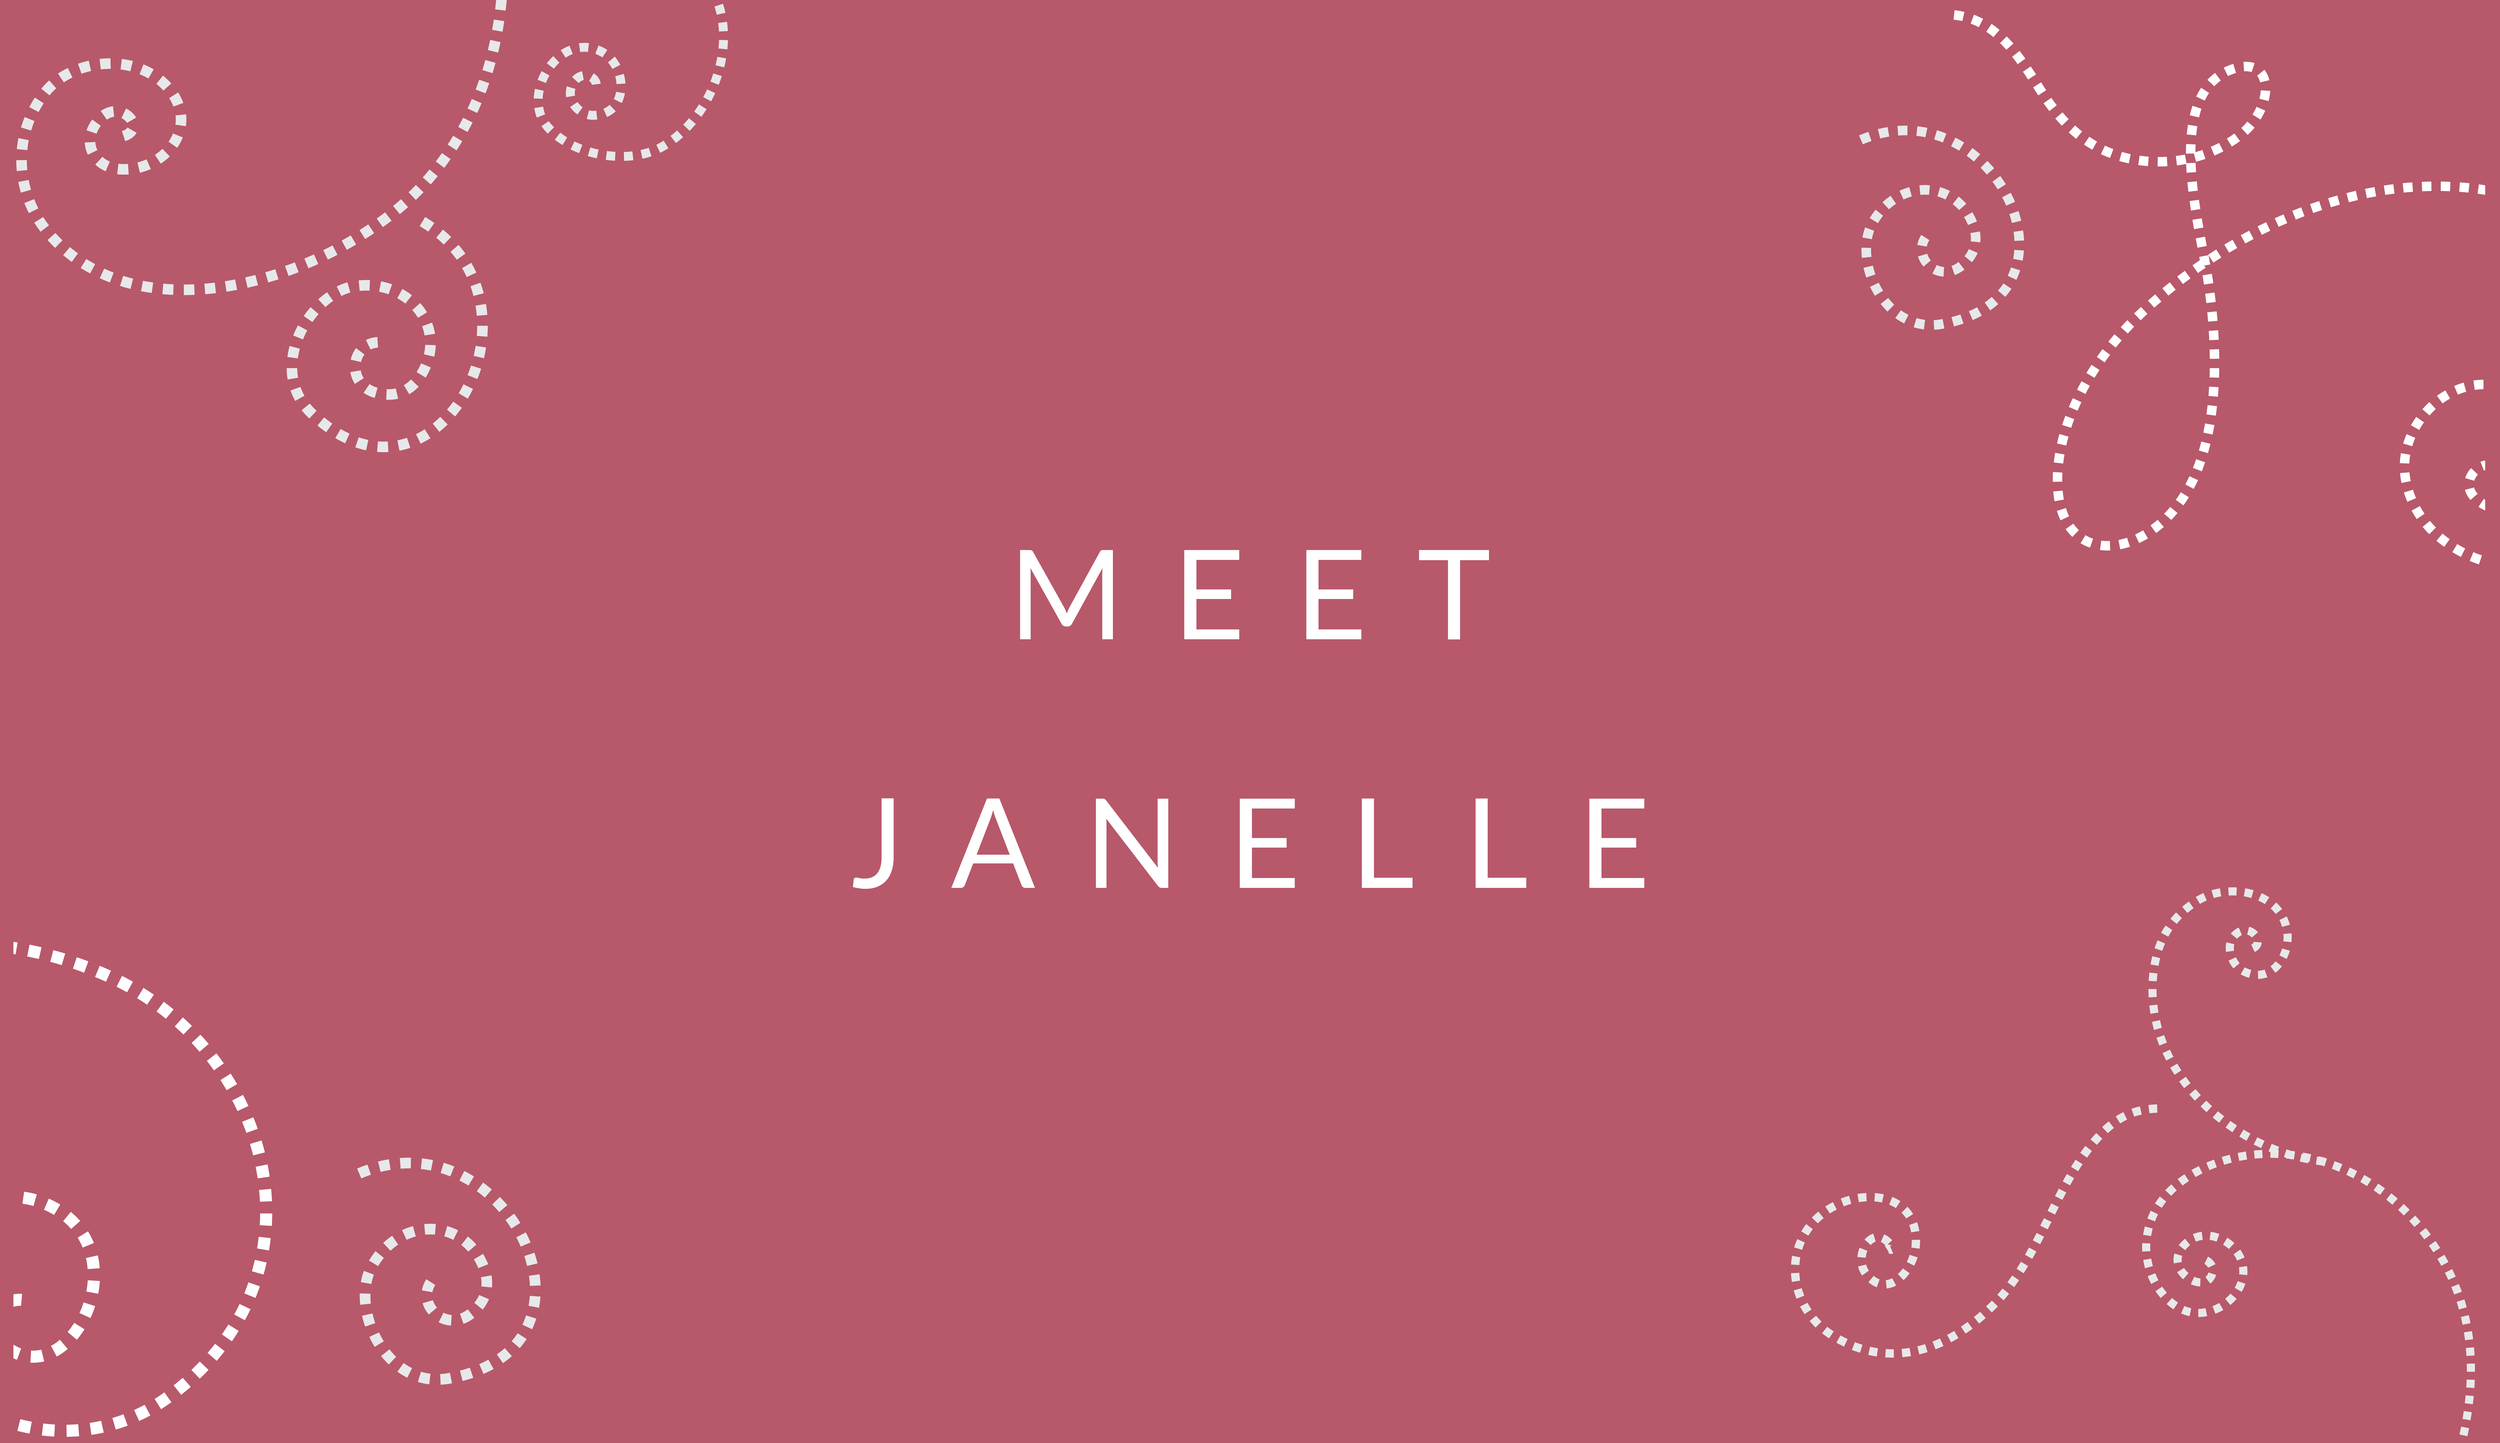 Meet-Janelle.jpeg